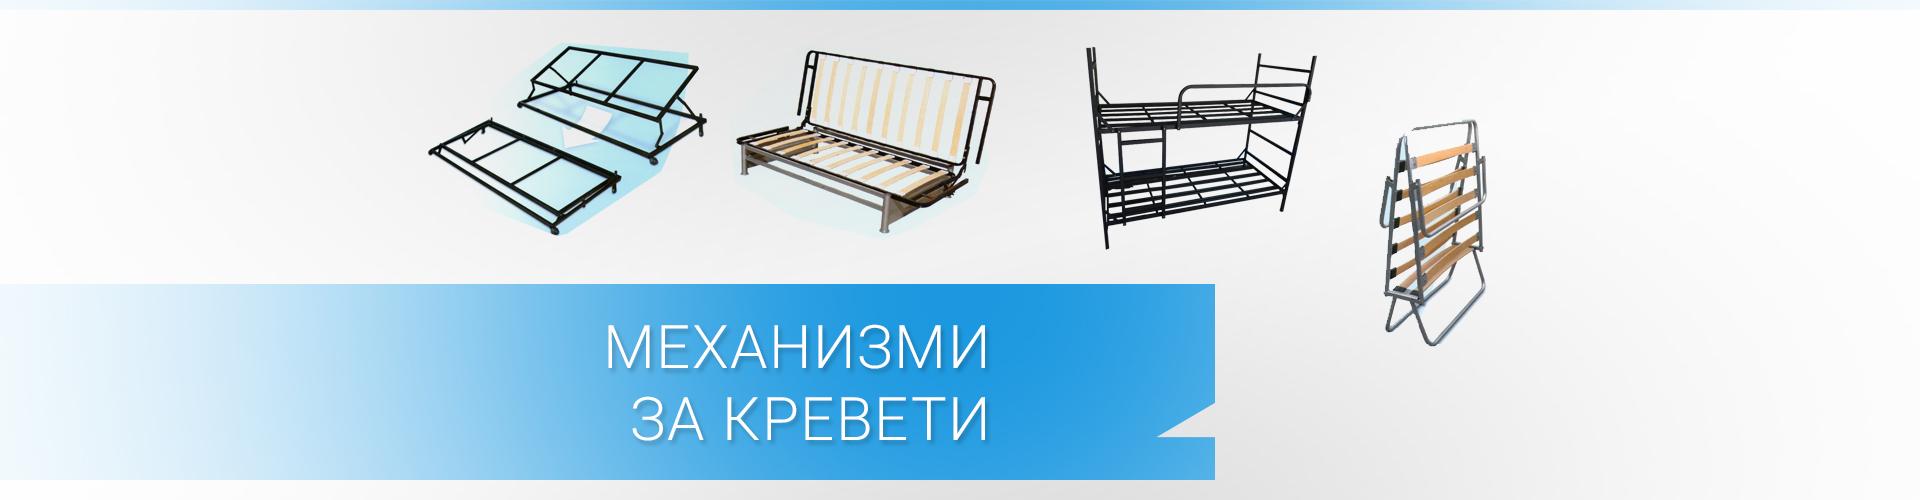 mehanizmi_za_kreveti_mk